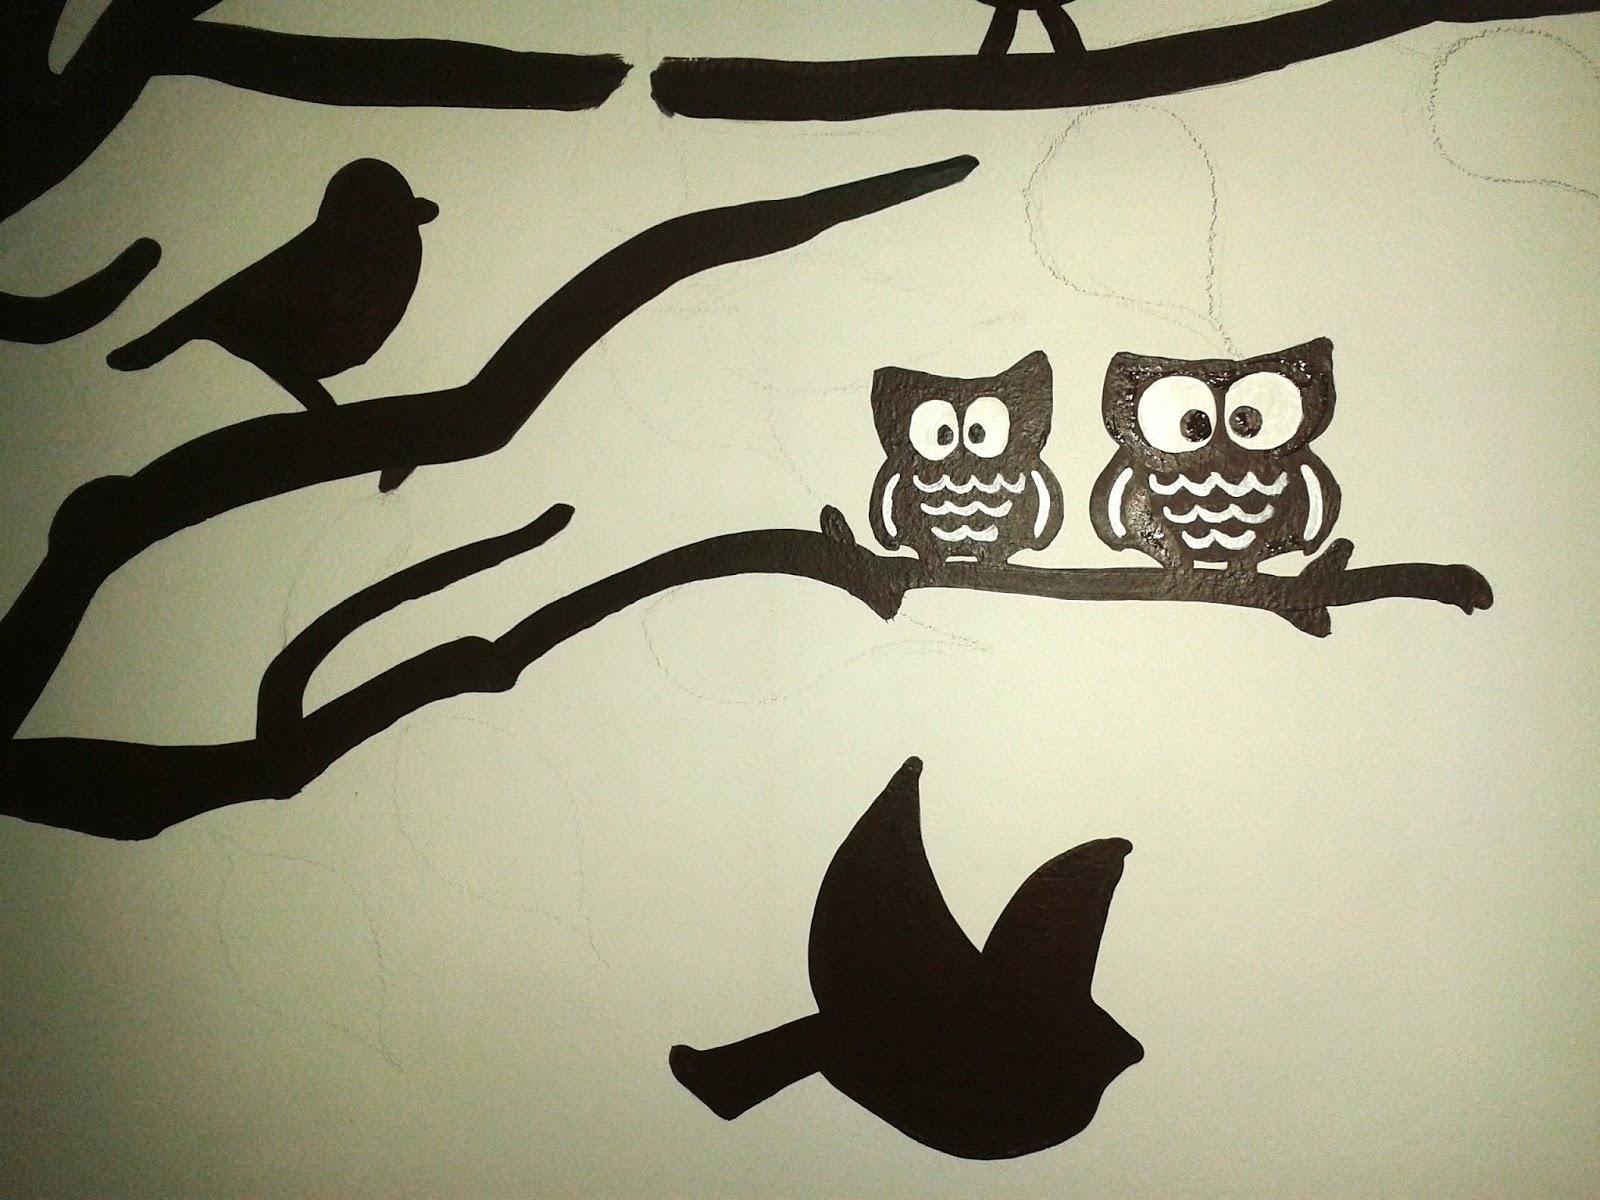 Diy mural rbol con hojas geno dise o arte - Como hacer dibujos en la pared ...